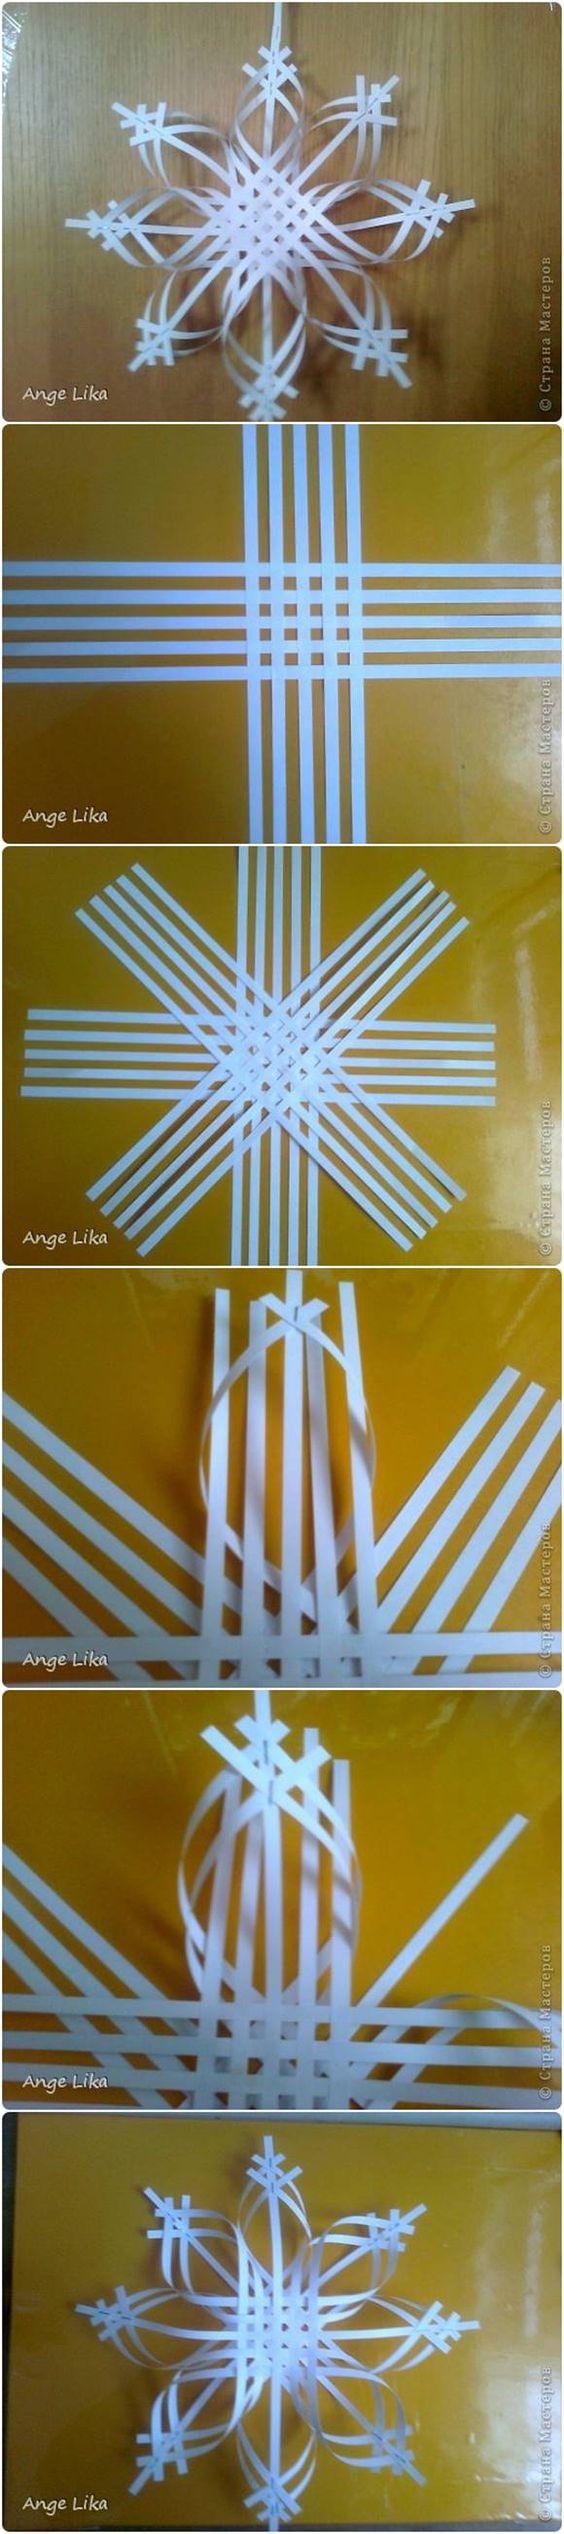 DIY 3D Paper Snowflake Christmas Ornament                                                                                                                                                     More